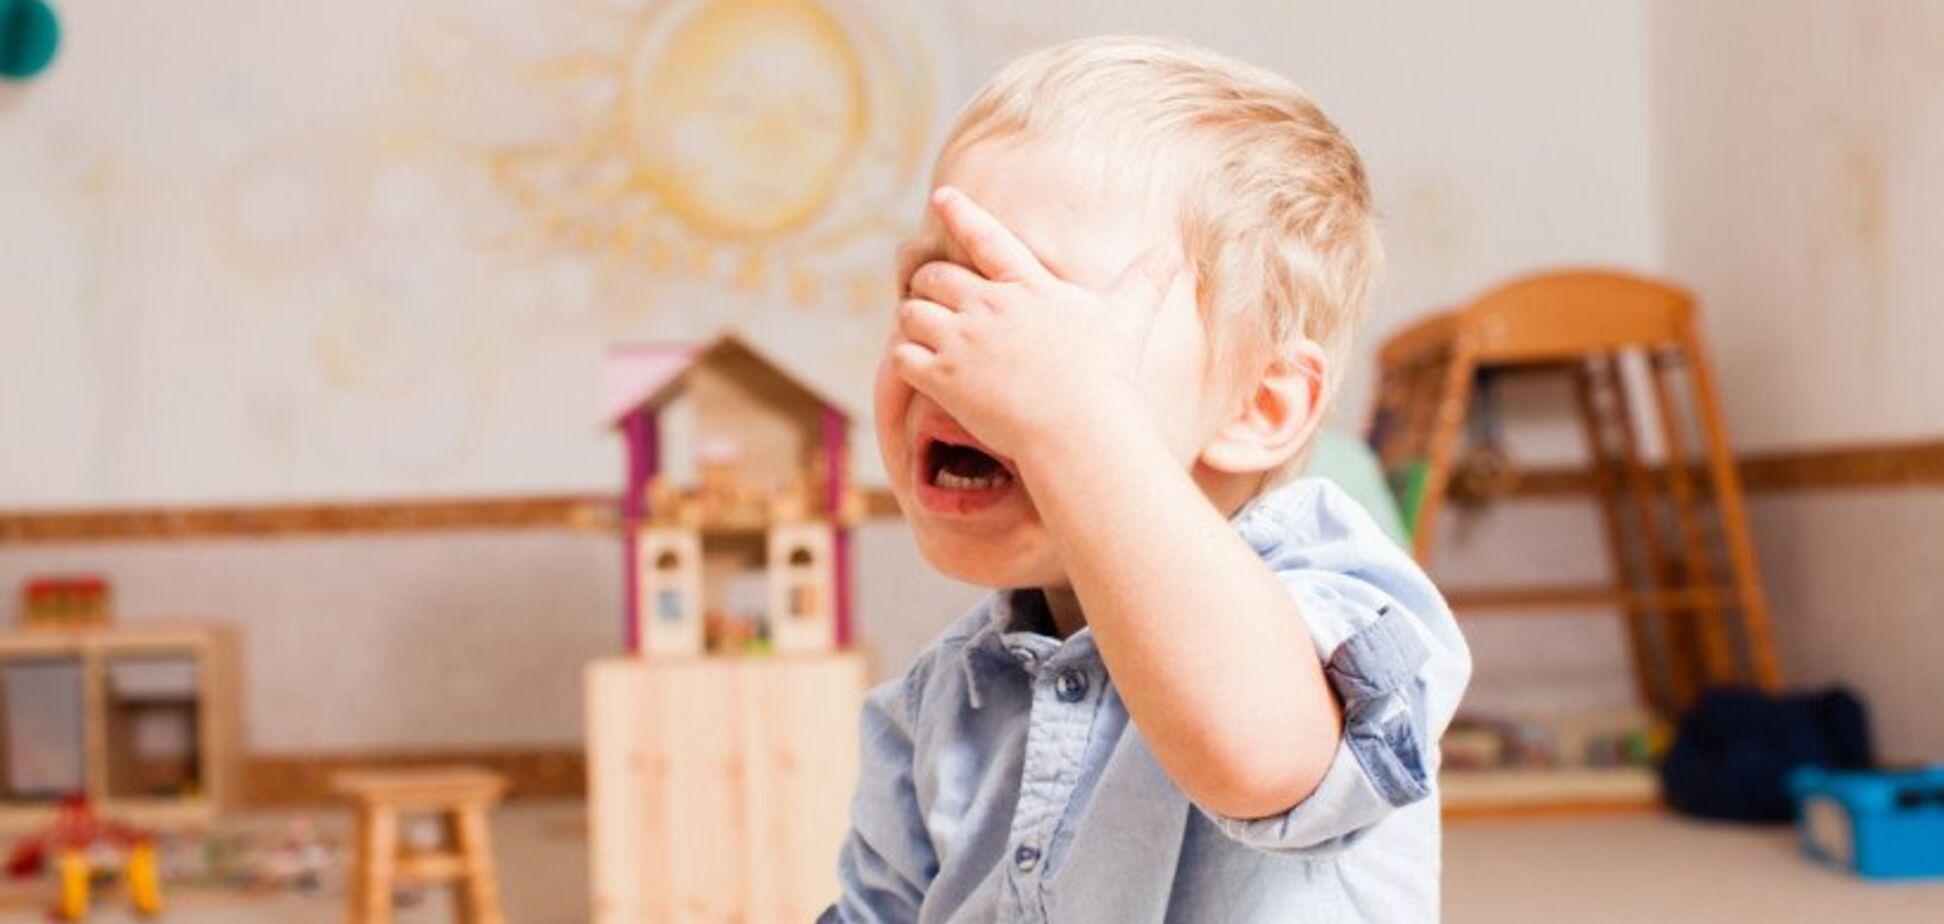 Был без присмотра: на ребенка в российском детском саду упал шкаф